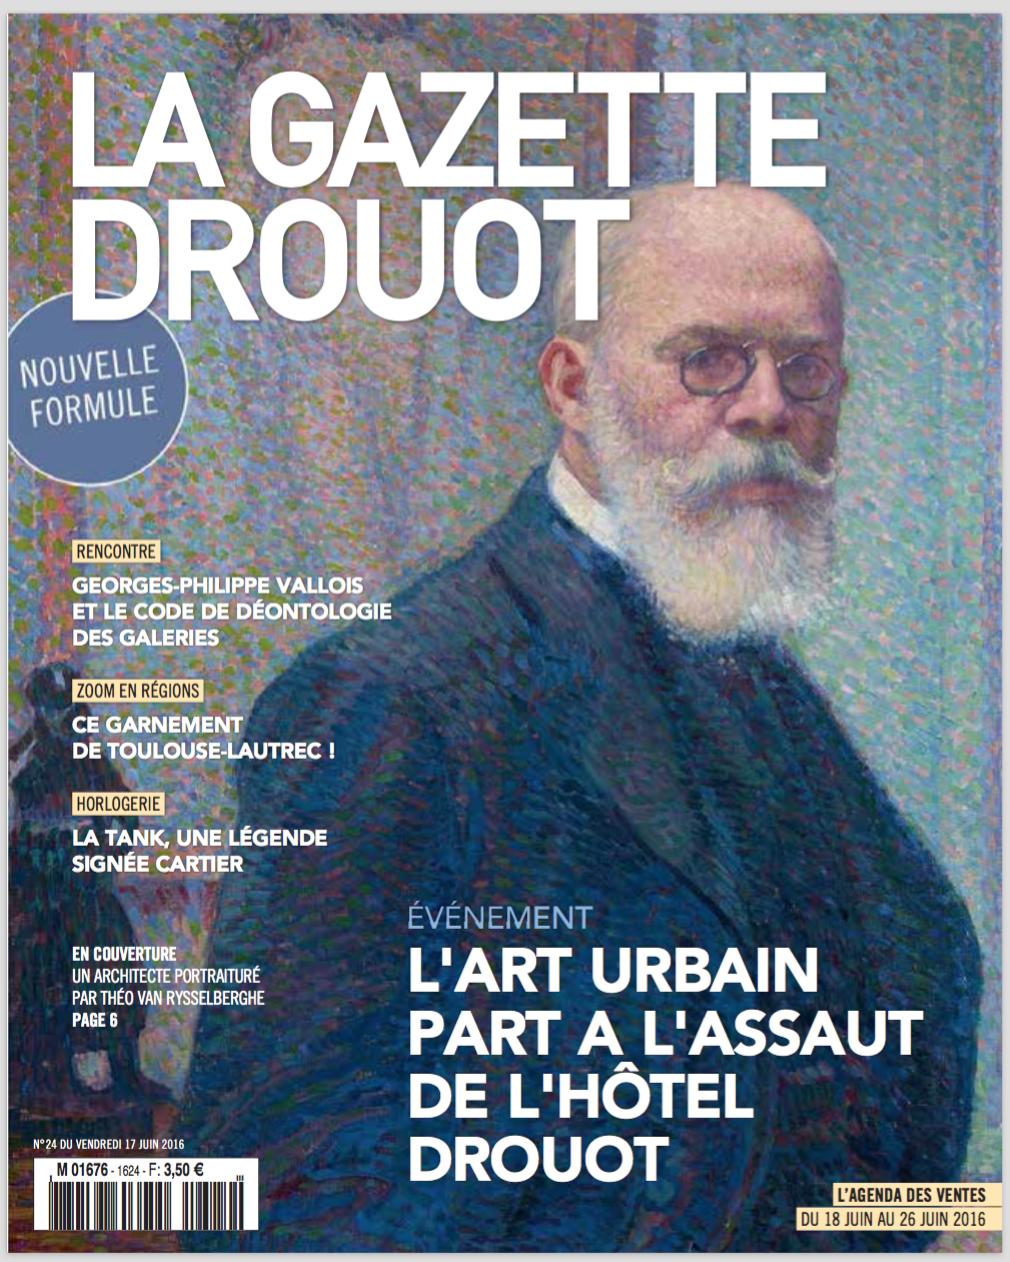 Gazette_Drouot_FauveParis